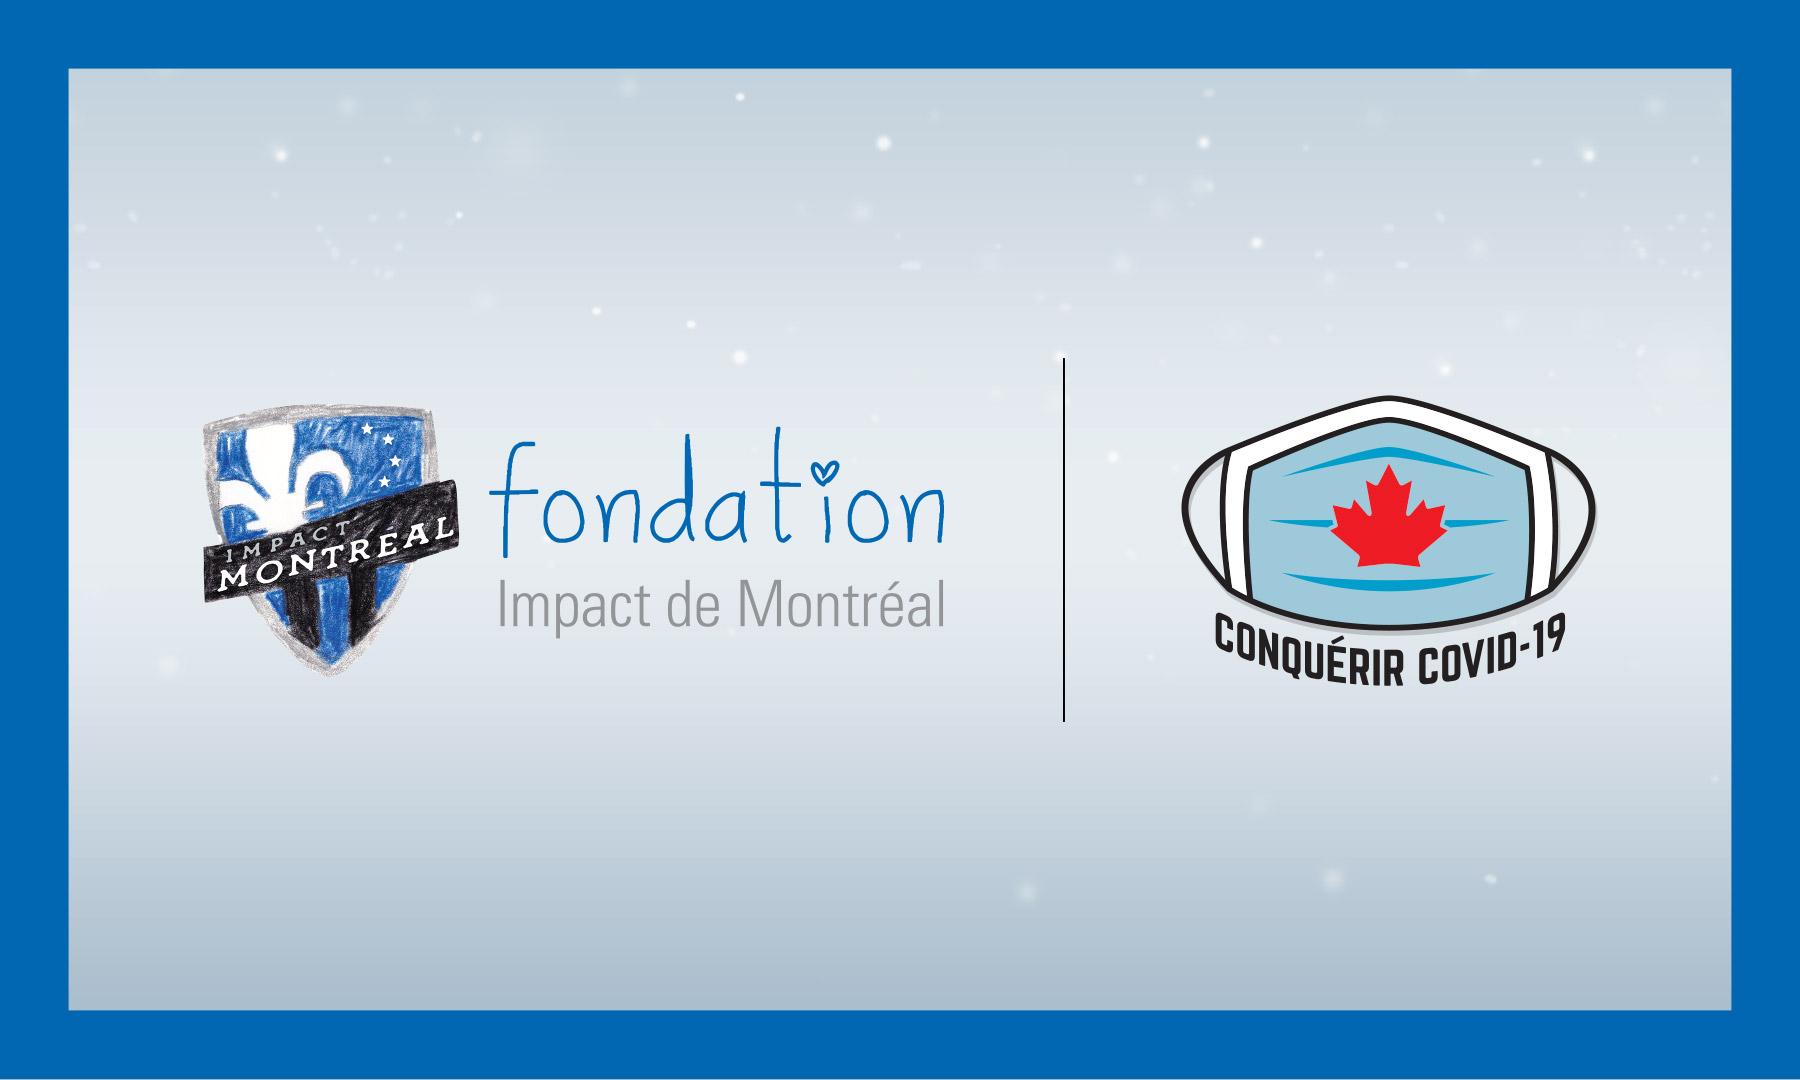 La Fondation s'allie à conquérir COVID-19 et Donnez la Protection